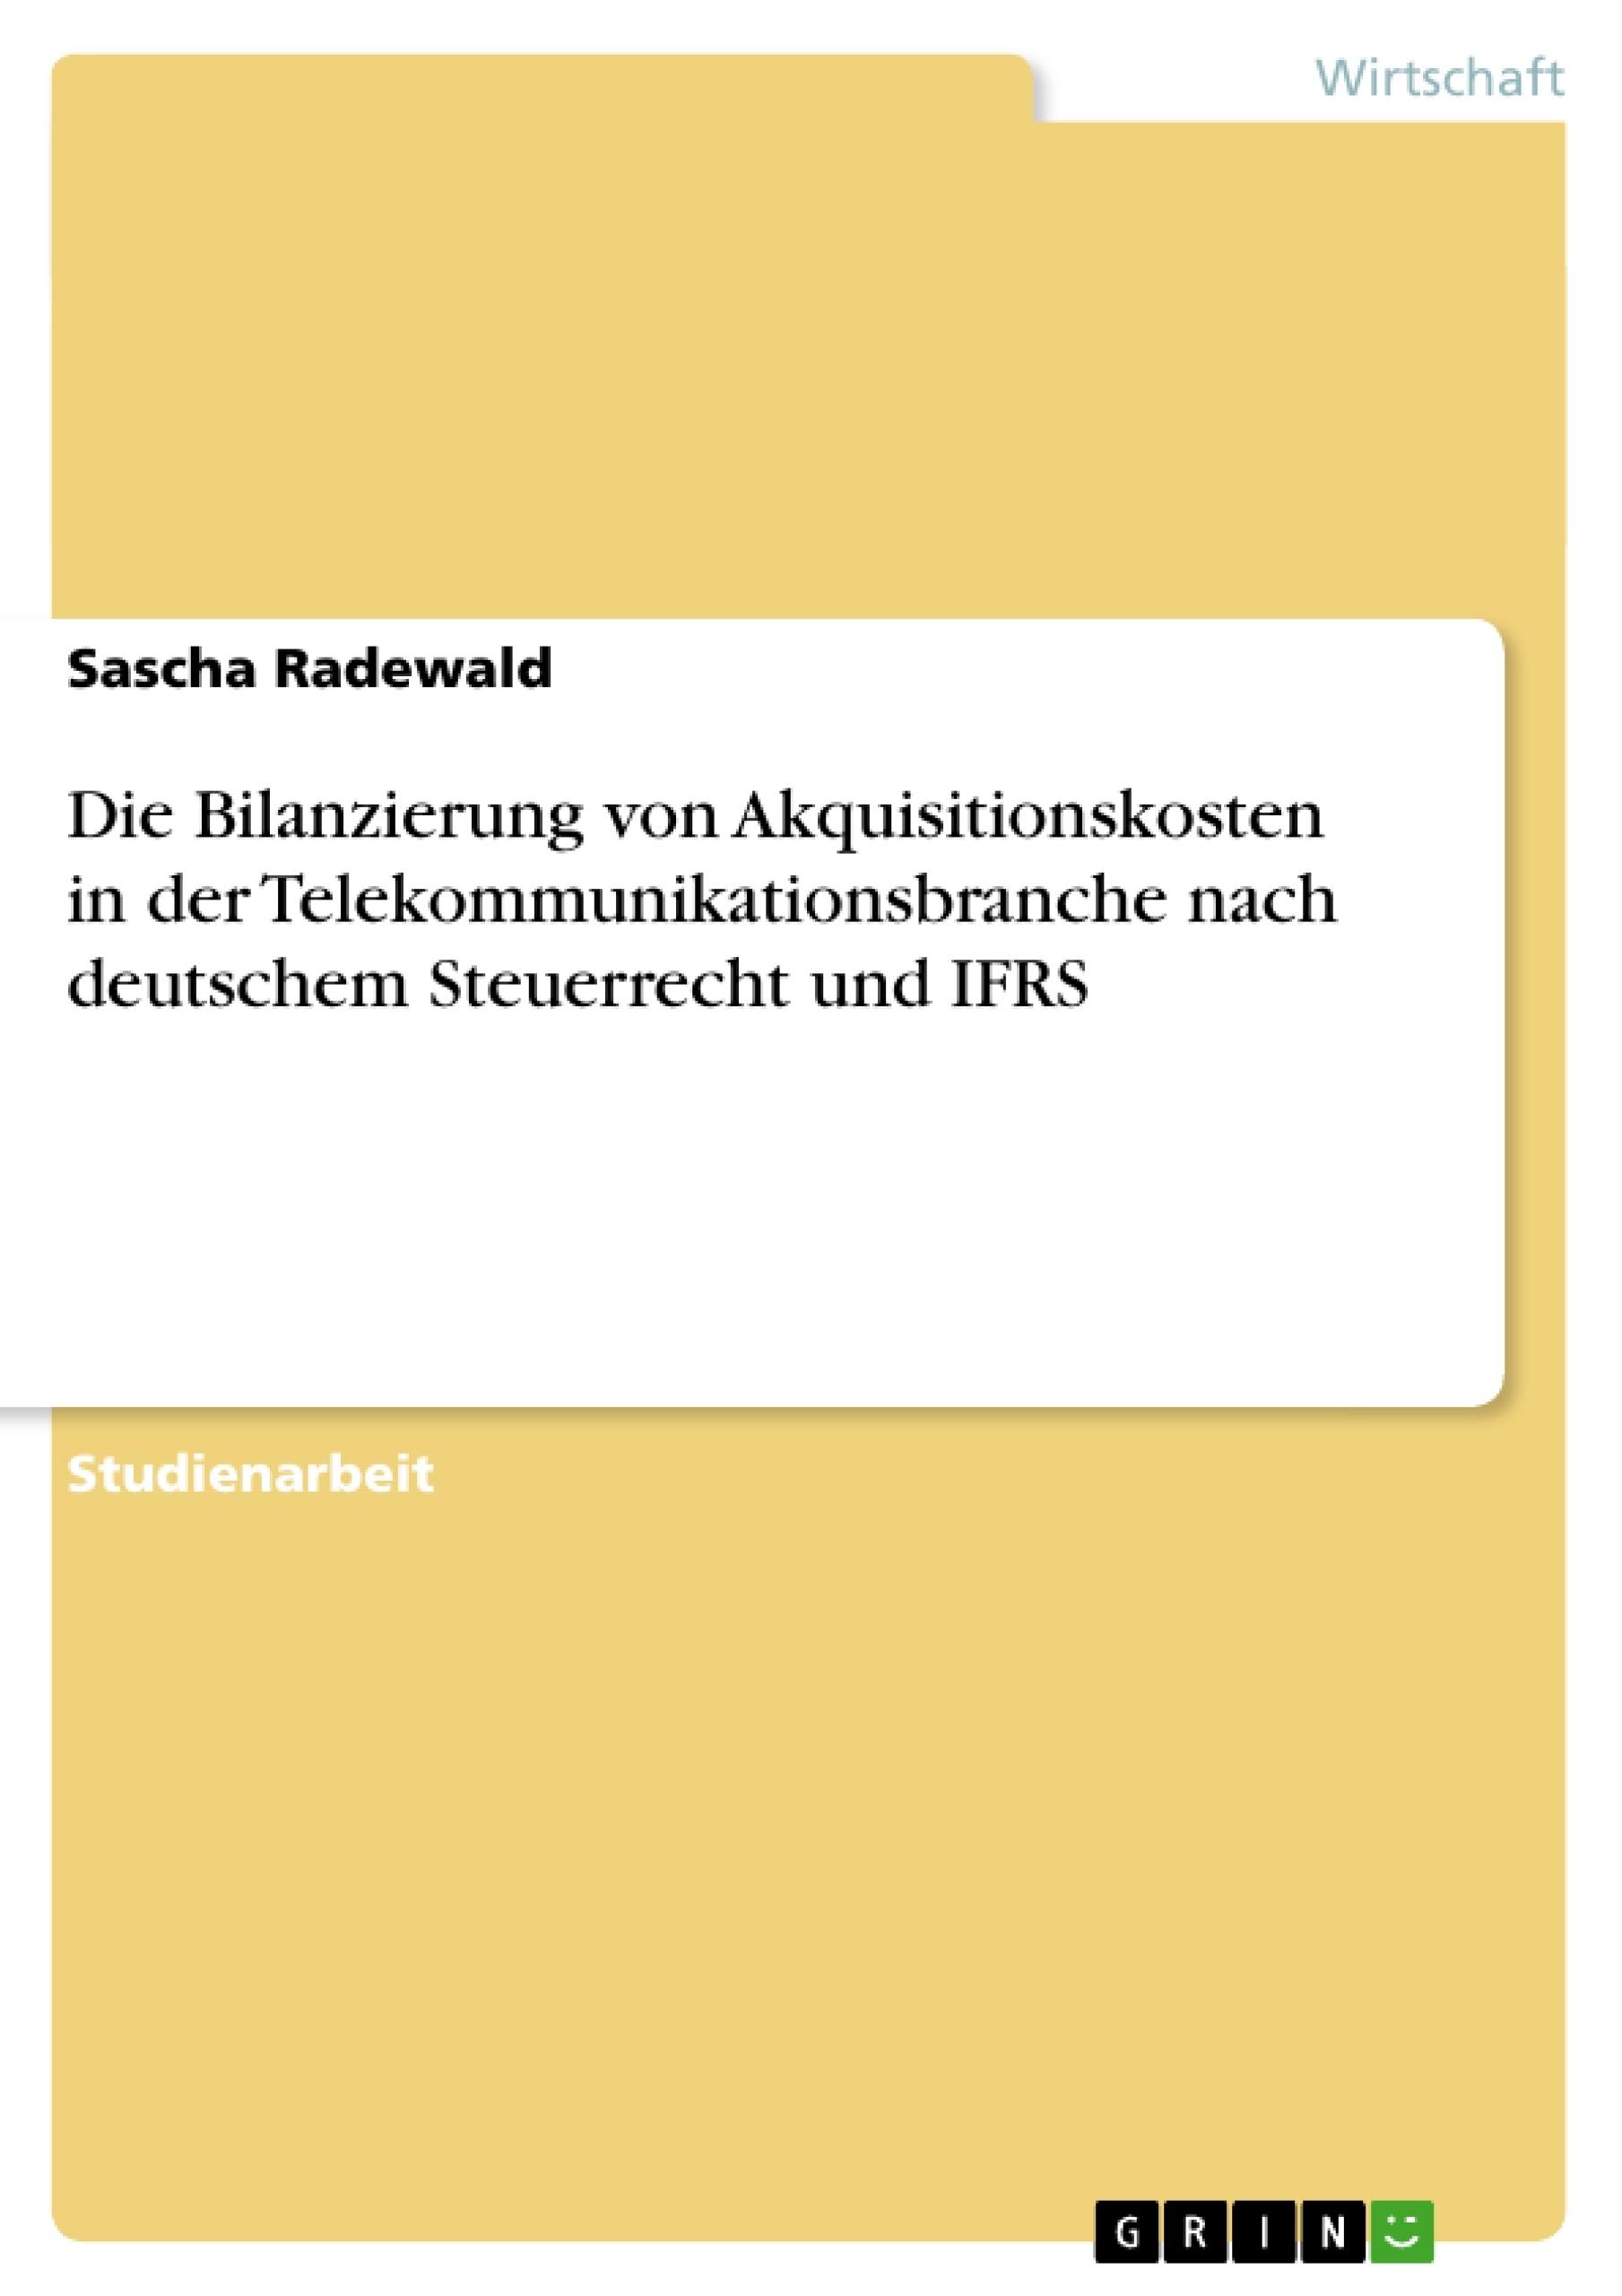 Titel: Die Bilanzierung von Akquisitionskosten in der Telekommunikationsbranche nach deutschem Steuerrecht und IFRS